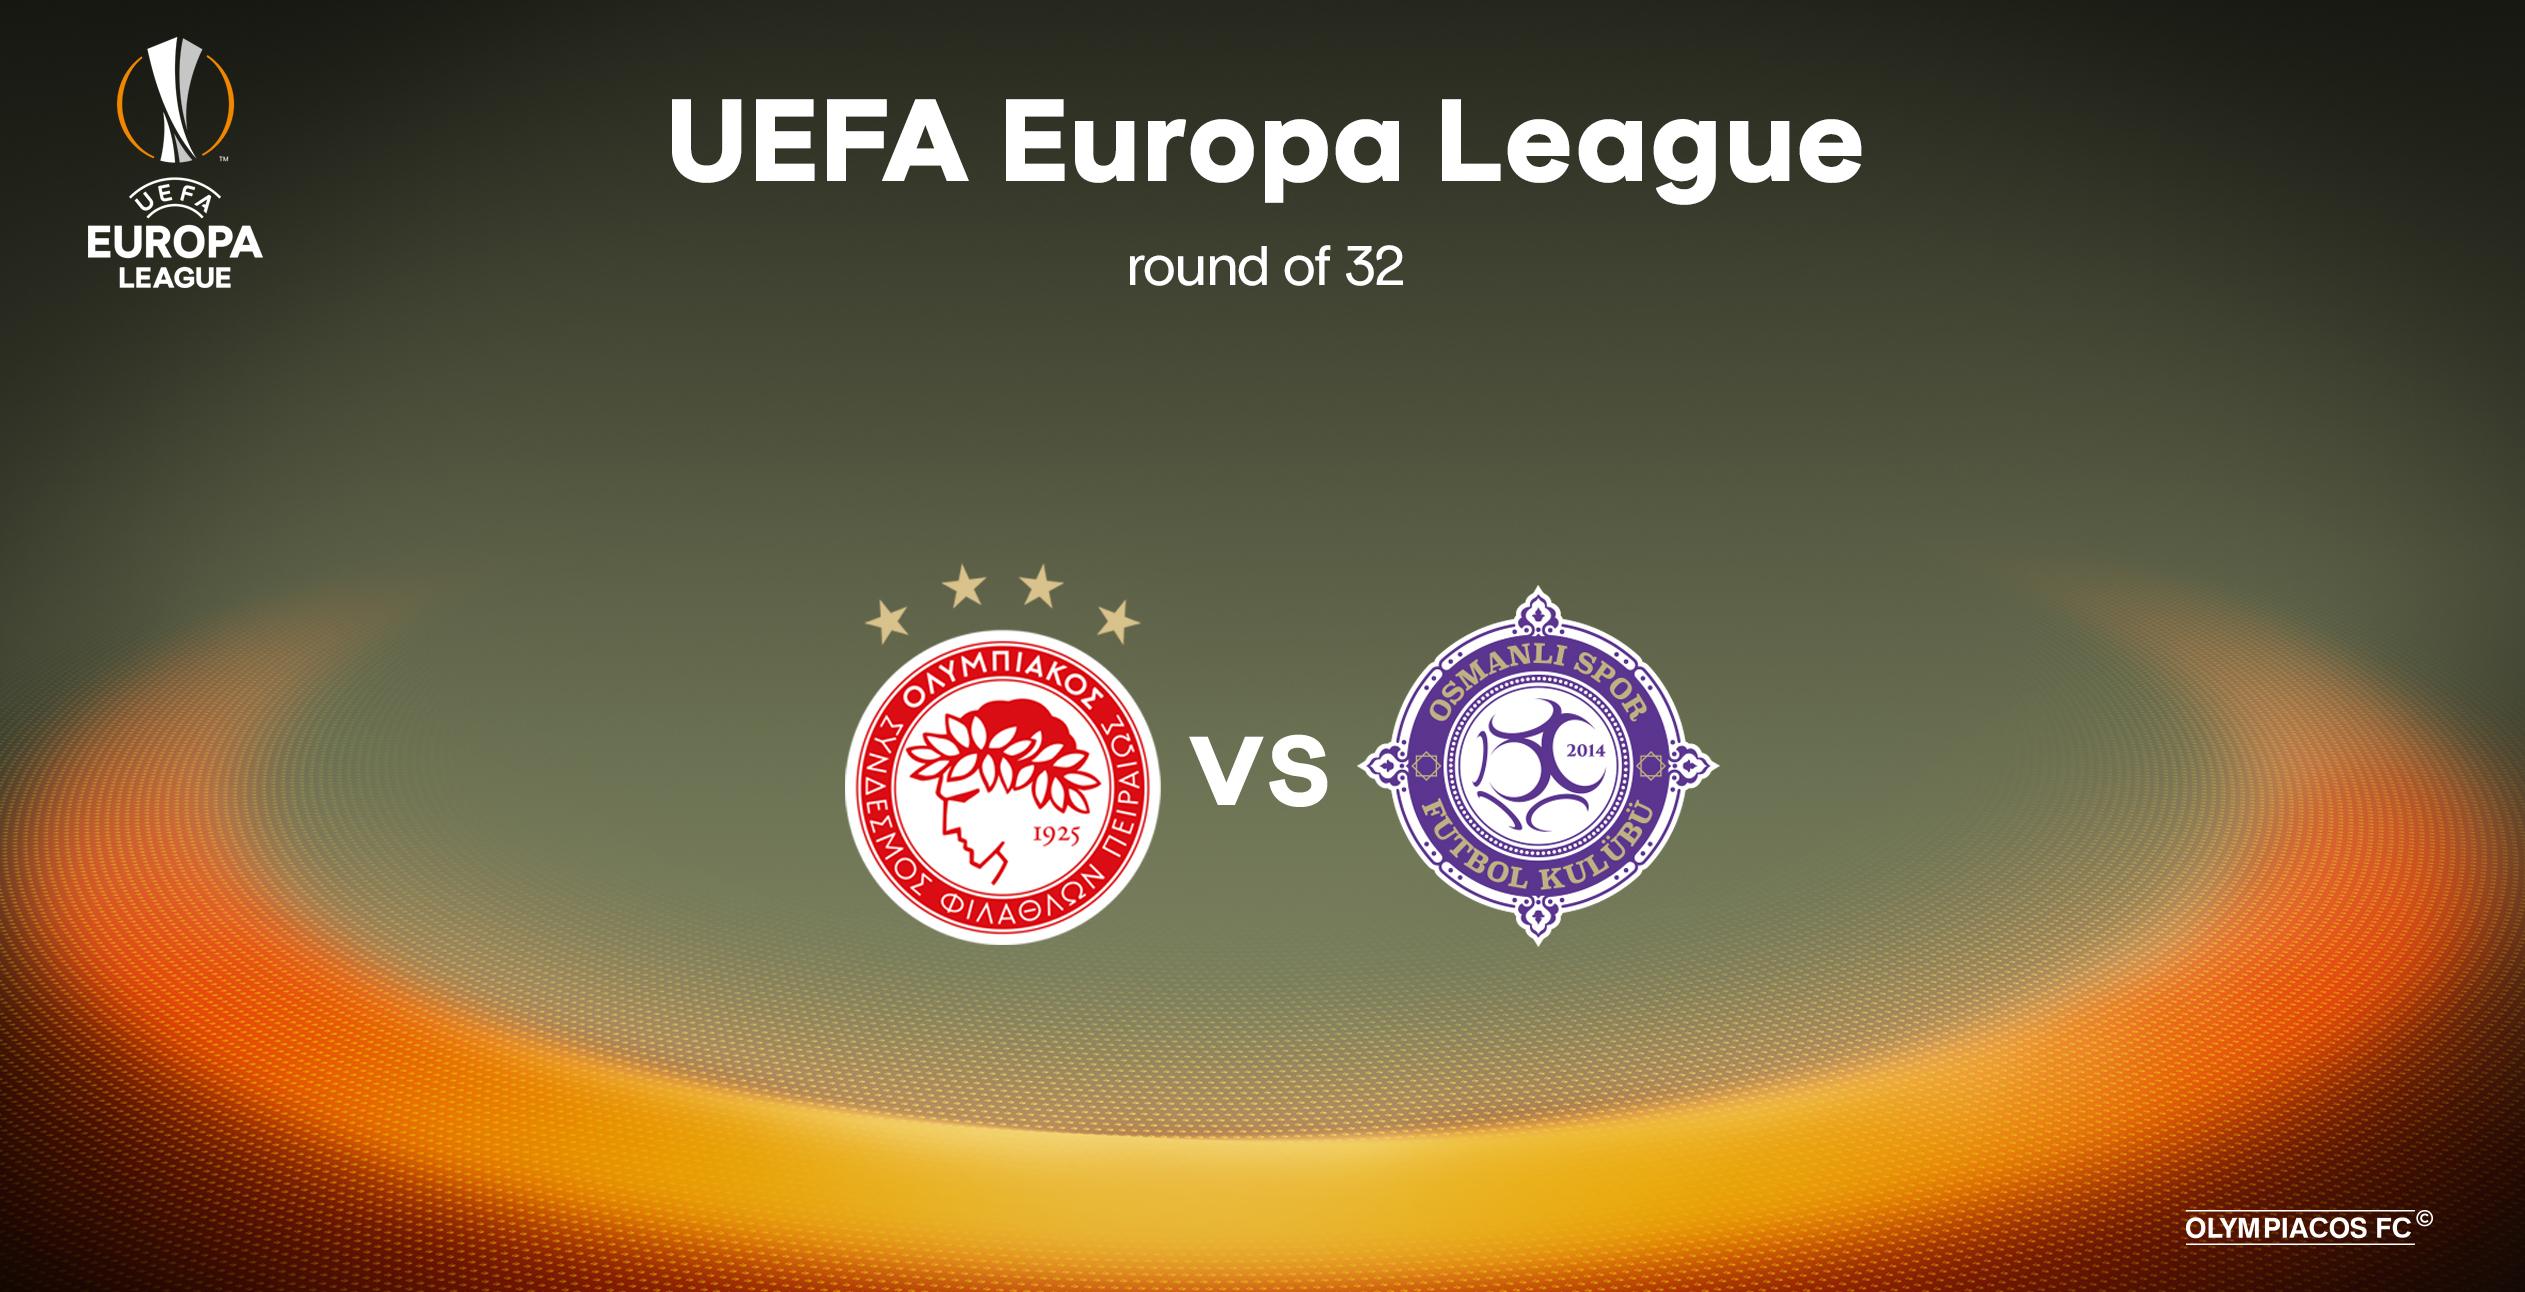 El Olympiacós frente al Osmalispor en la UEFA Europa League